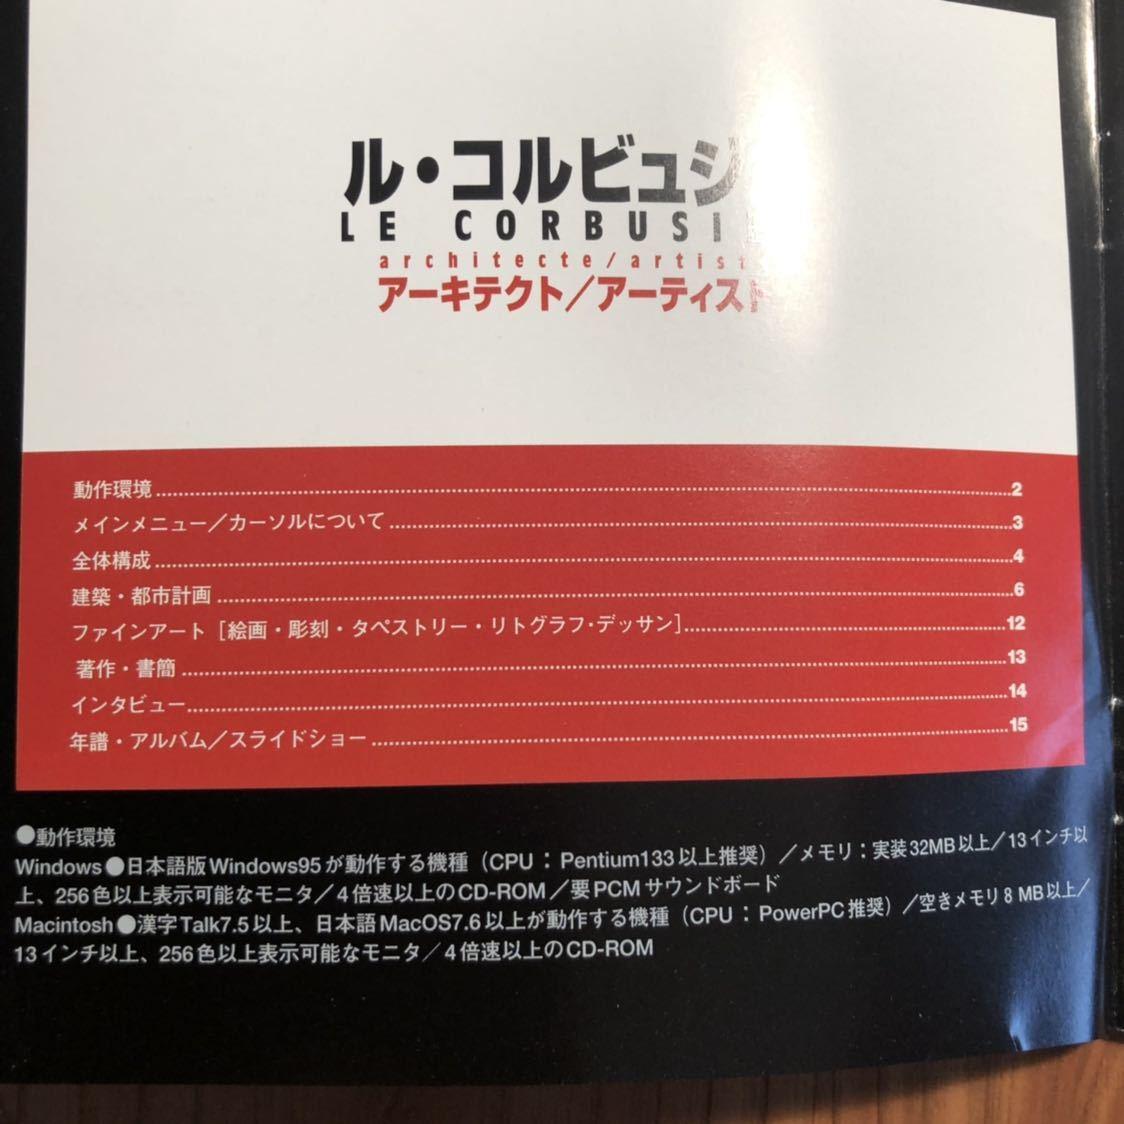 ル・コルビュジェ 20世紀建築の巨匠 ル・コルビュジェの全貌! CD-ROM 日本語版_画像6